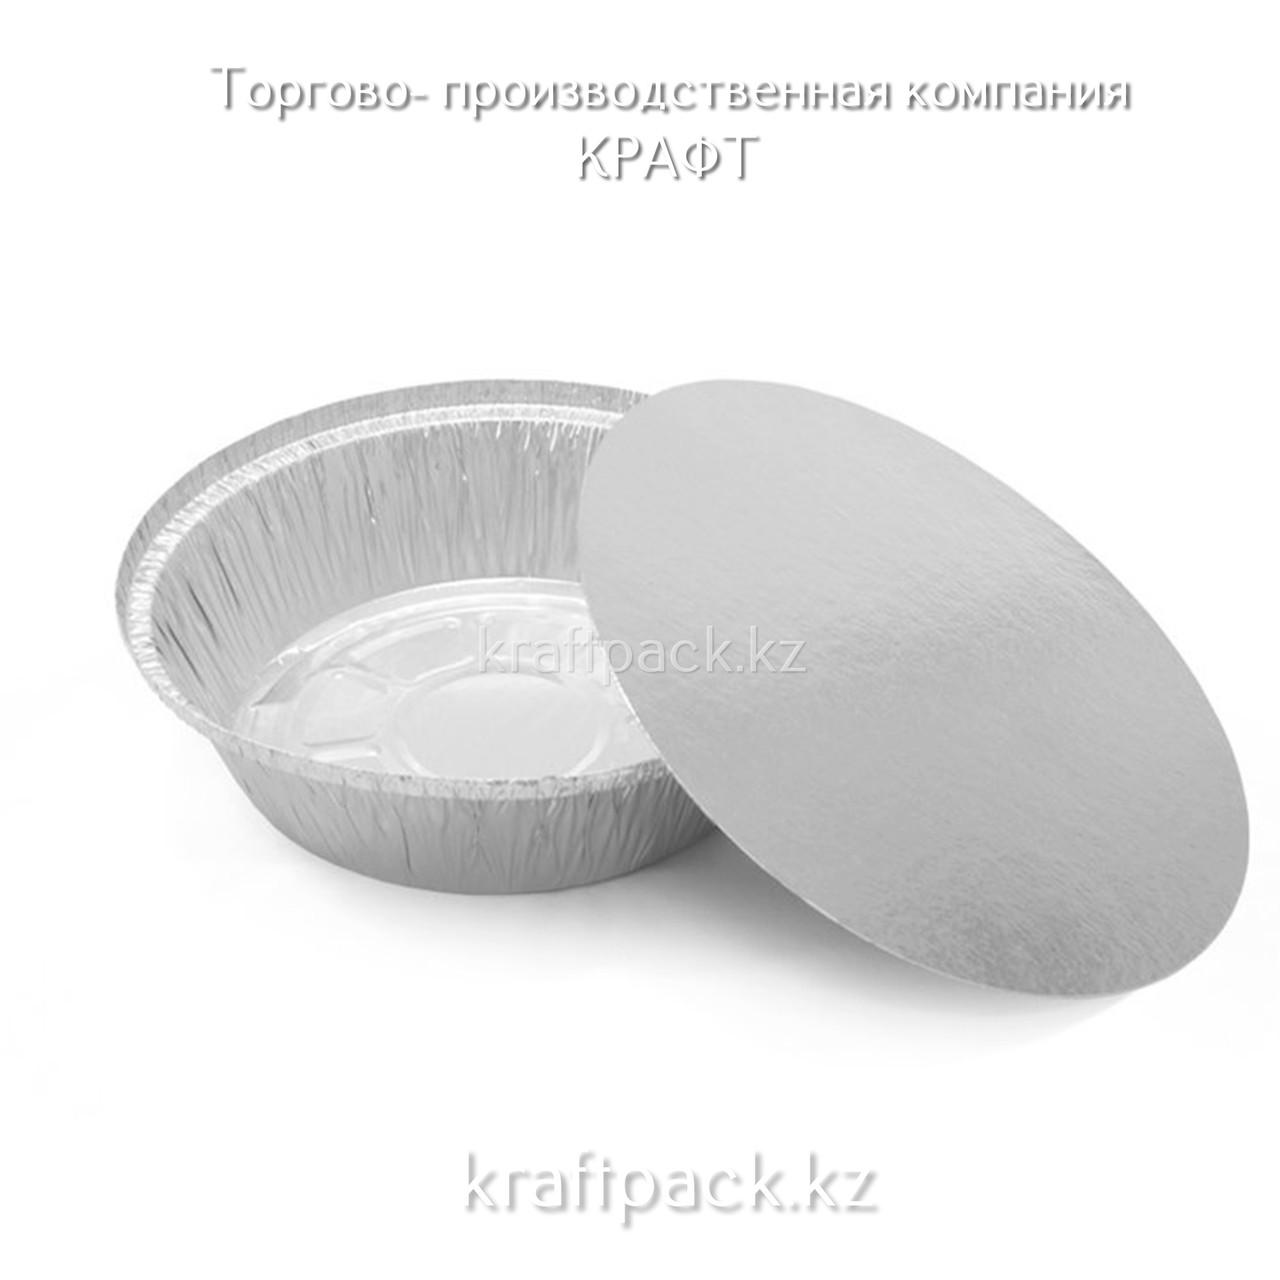 Контейнер с крышкой, Фольгированный КРУГЛЫЙ 1405 мл (100/400)